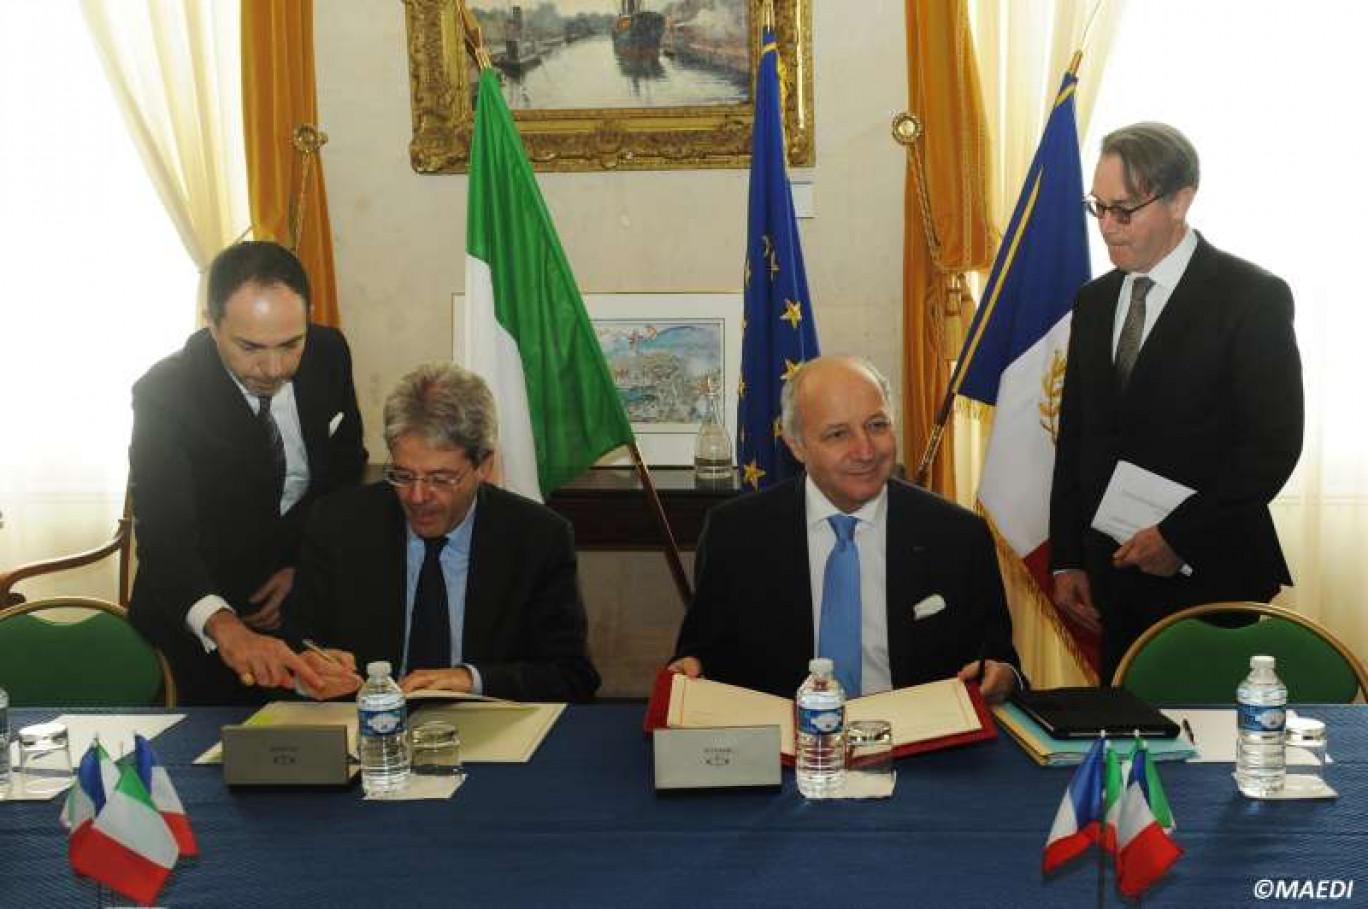 Perchè Gentiloni ha regalato i giacimenti di petrolio alla Francia?